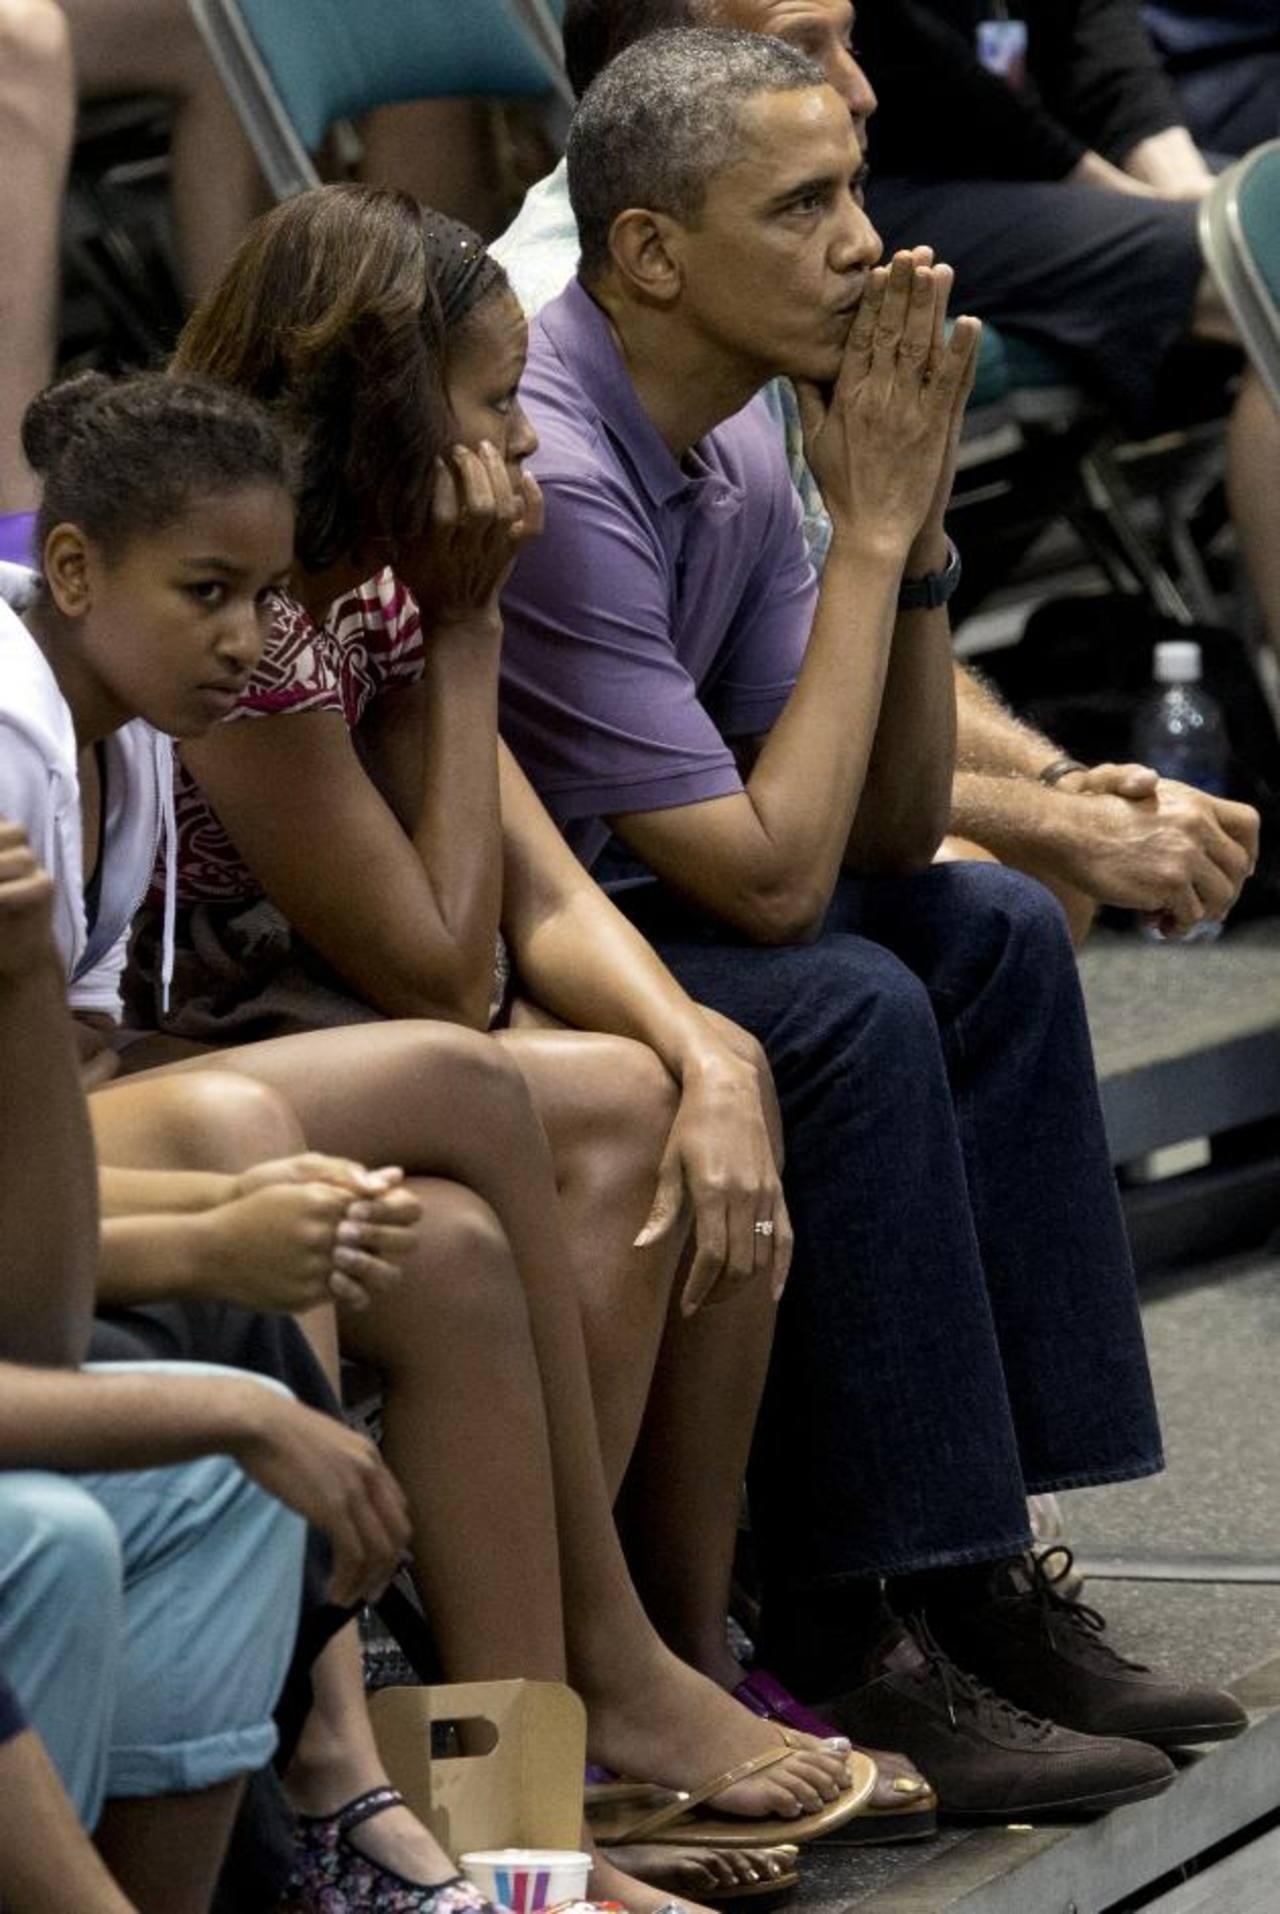 Desde la izq.: Sasha Obama (hija), Michelle Obama y Barack Obama, durante sus vacaciones de Navidad en Hawai. foto edh /AP